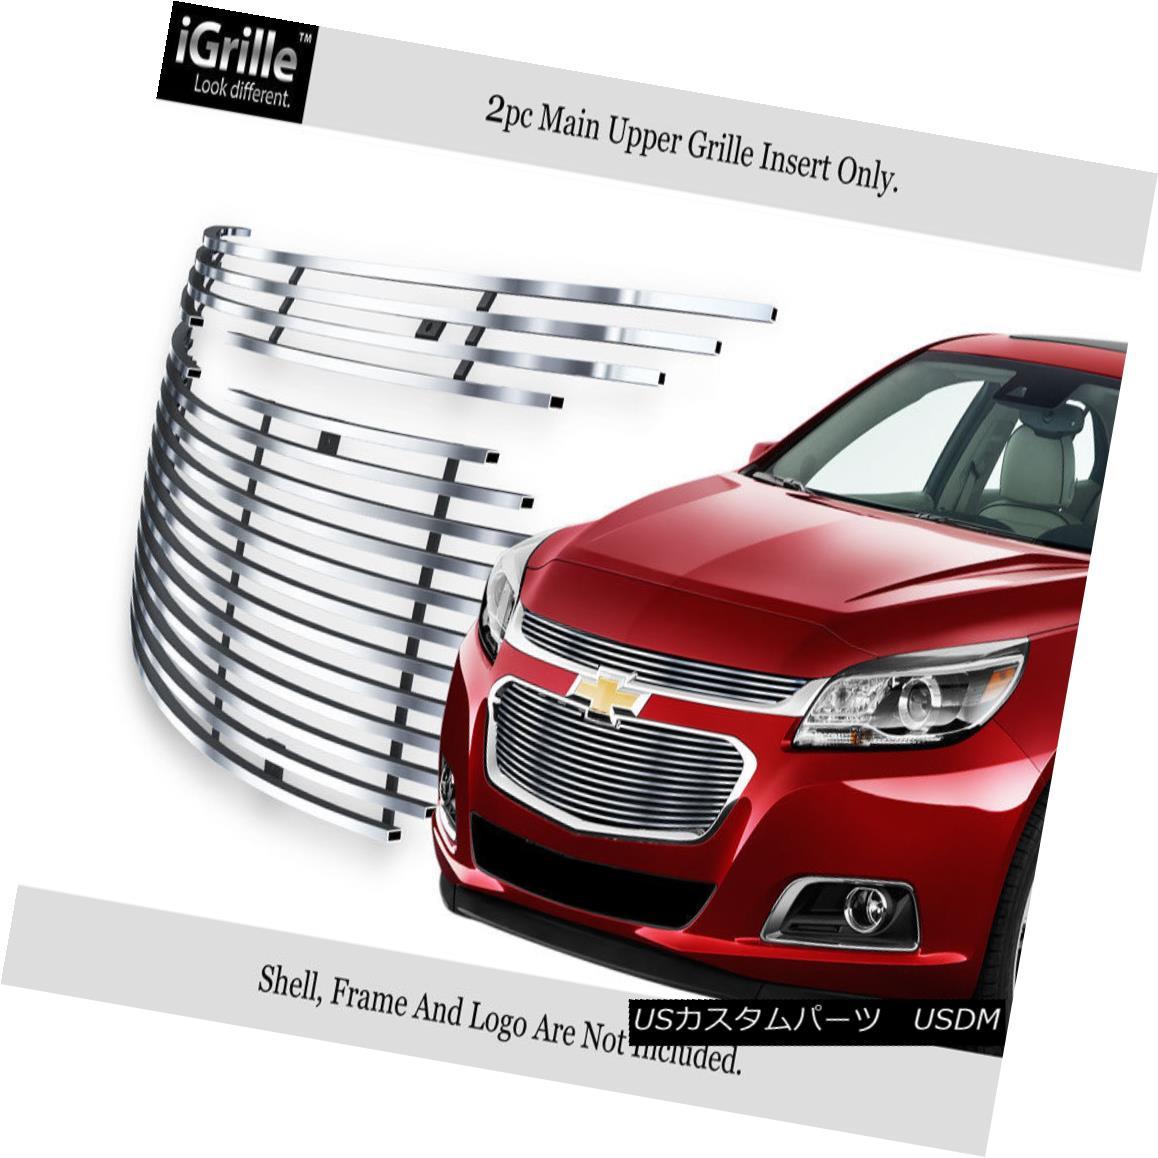 グリル Fits 2014-2015 Chevy Malibu Main Upper Stainless Steel Billet Grille Insert フィット2014-2015シボレーマリブメインアッパーステンレス鋼ビレットグリルインサート